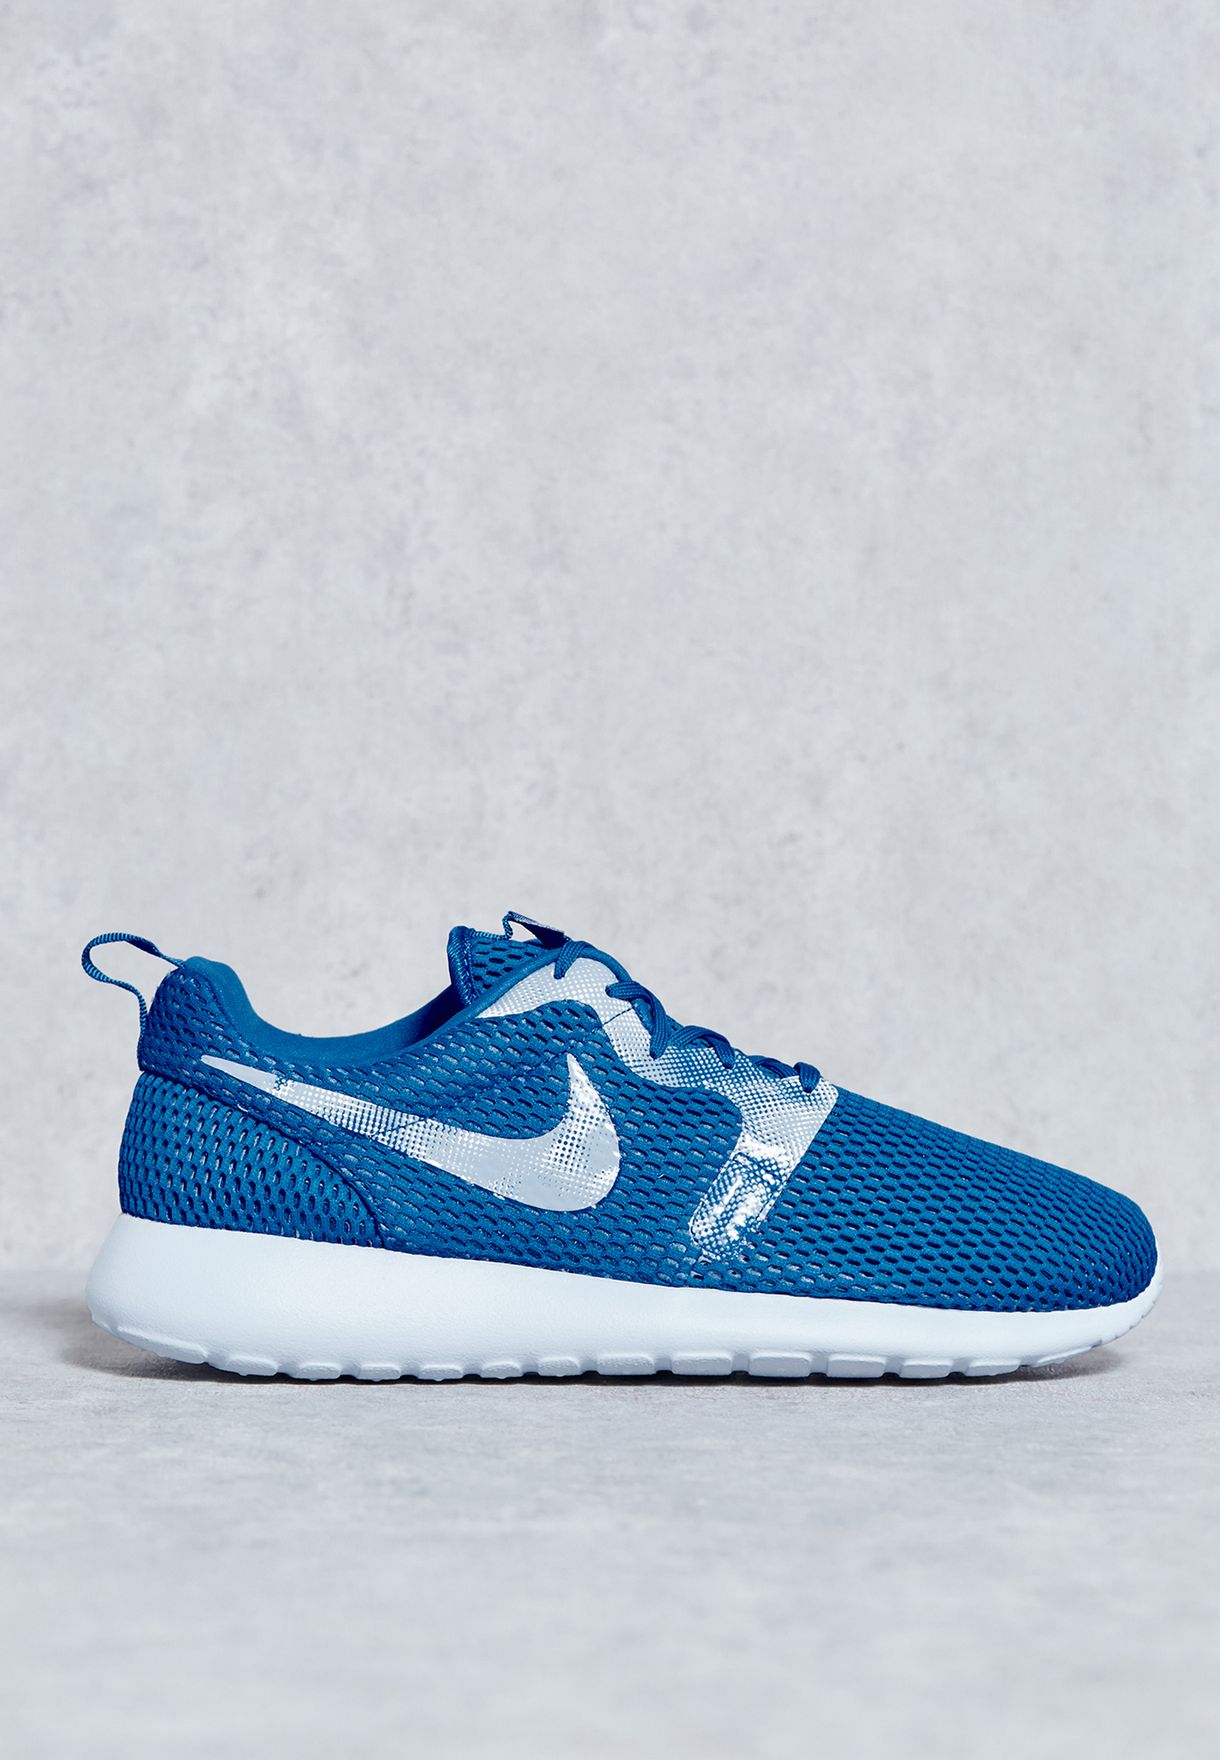 e4b449d7af71 ... new zealand shop nike blue roshe one hyp br gpx 859526 400 for men in  uae ...